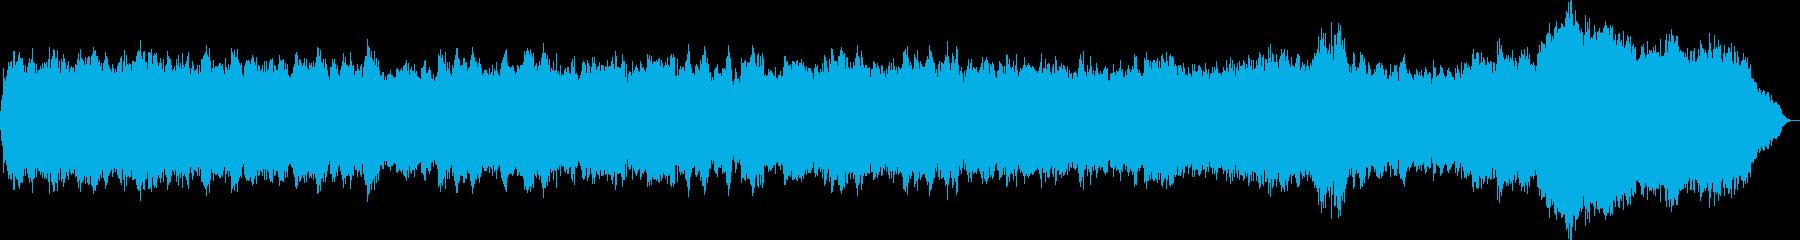 パイプオルガンのオリジナル教会音楽の再生済みの波形